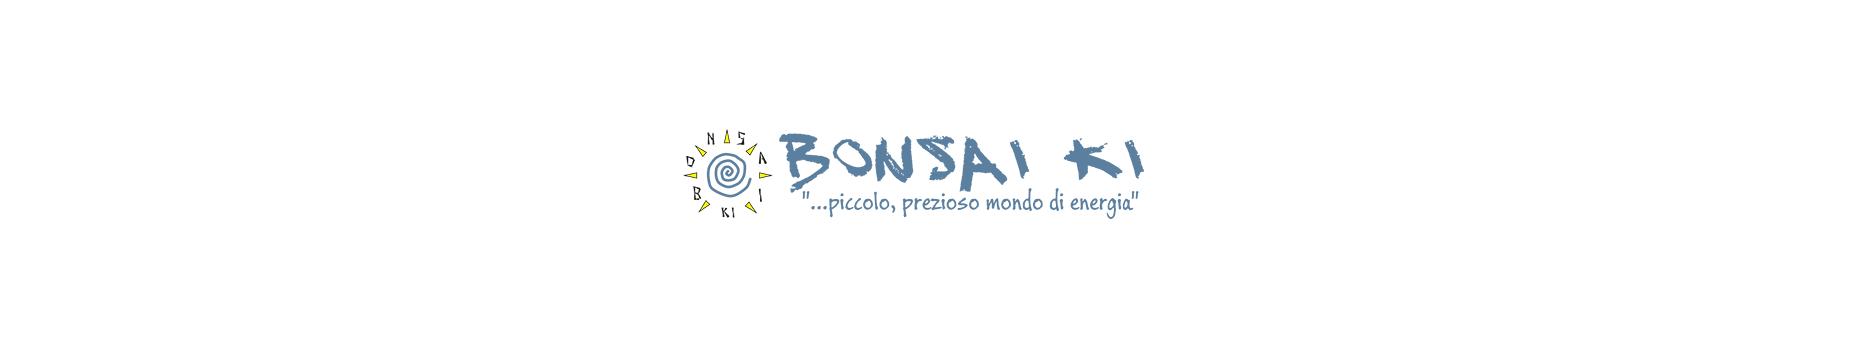 associazione bonsai ki ASD logo